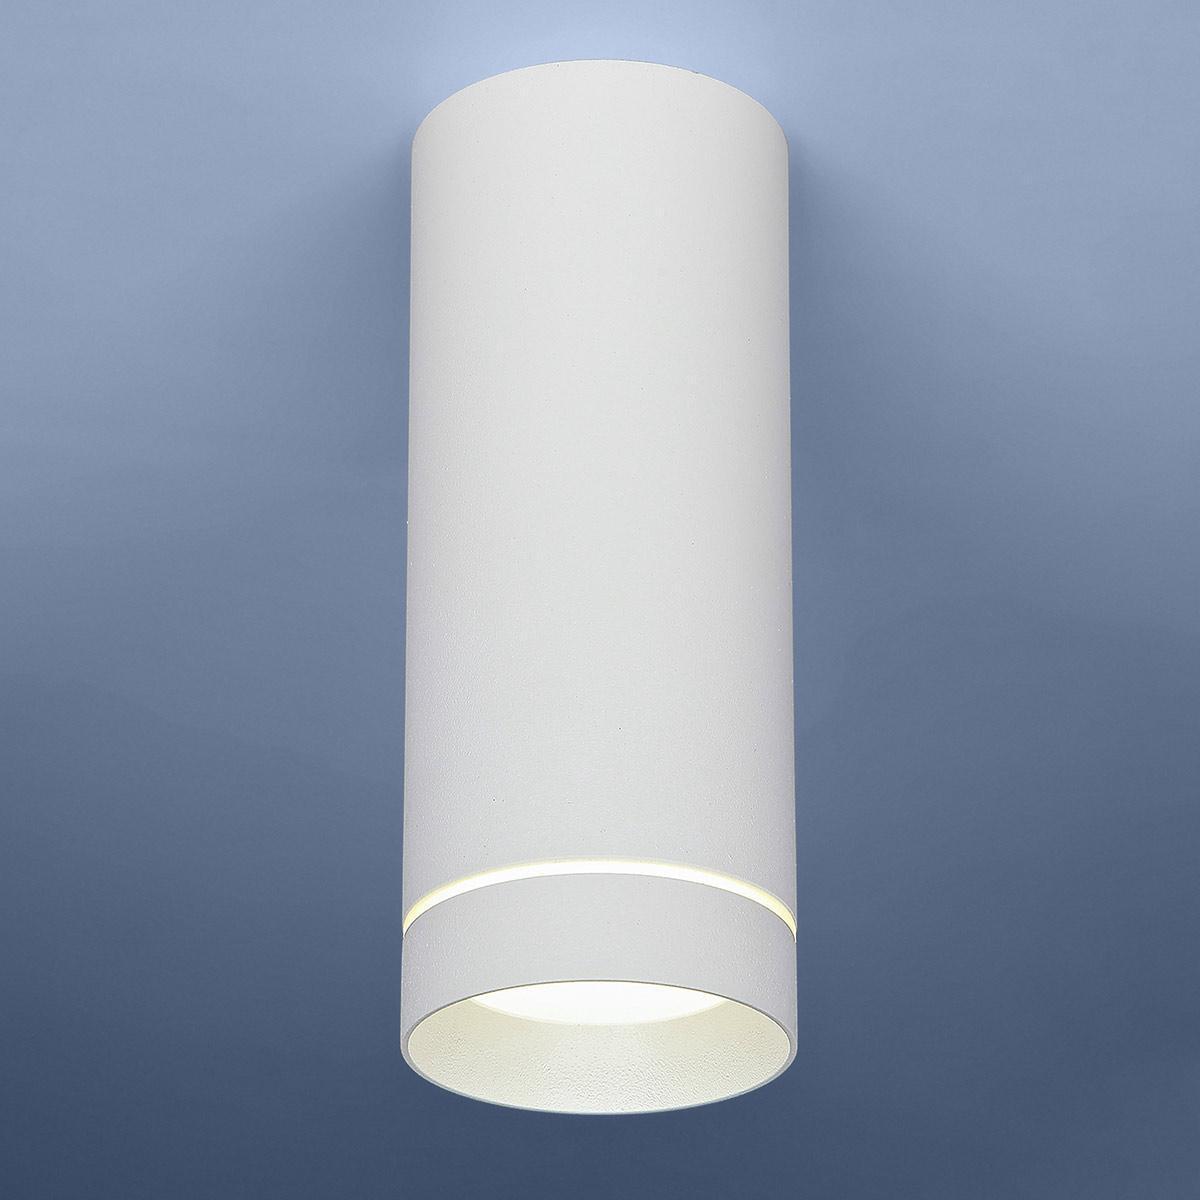 Потолочный светодиодный светильник Elektrostandard DLR022 12W 4200K белый матовый 4690389102974 потолочный светодиодный светильник elektrostandard dlr022 12w 4200k белый матовый 4690389102974